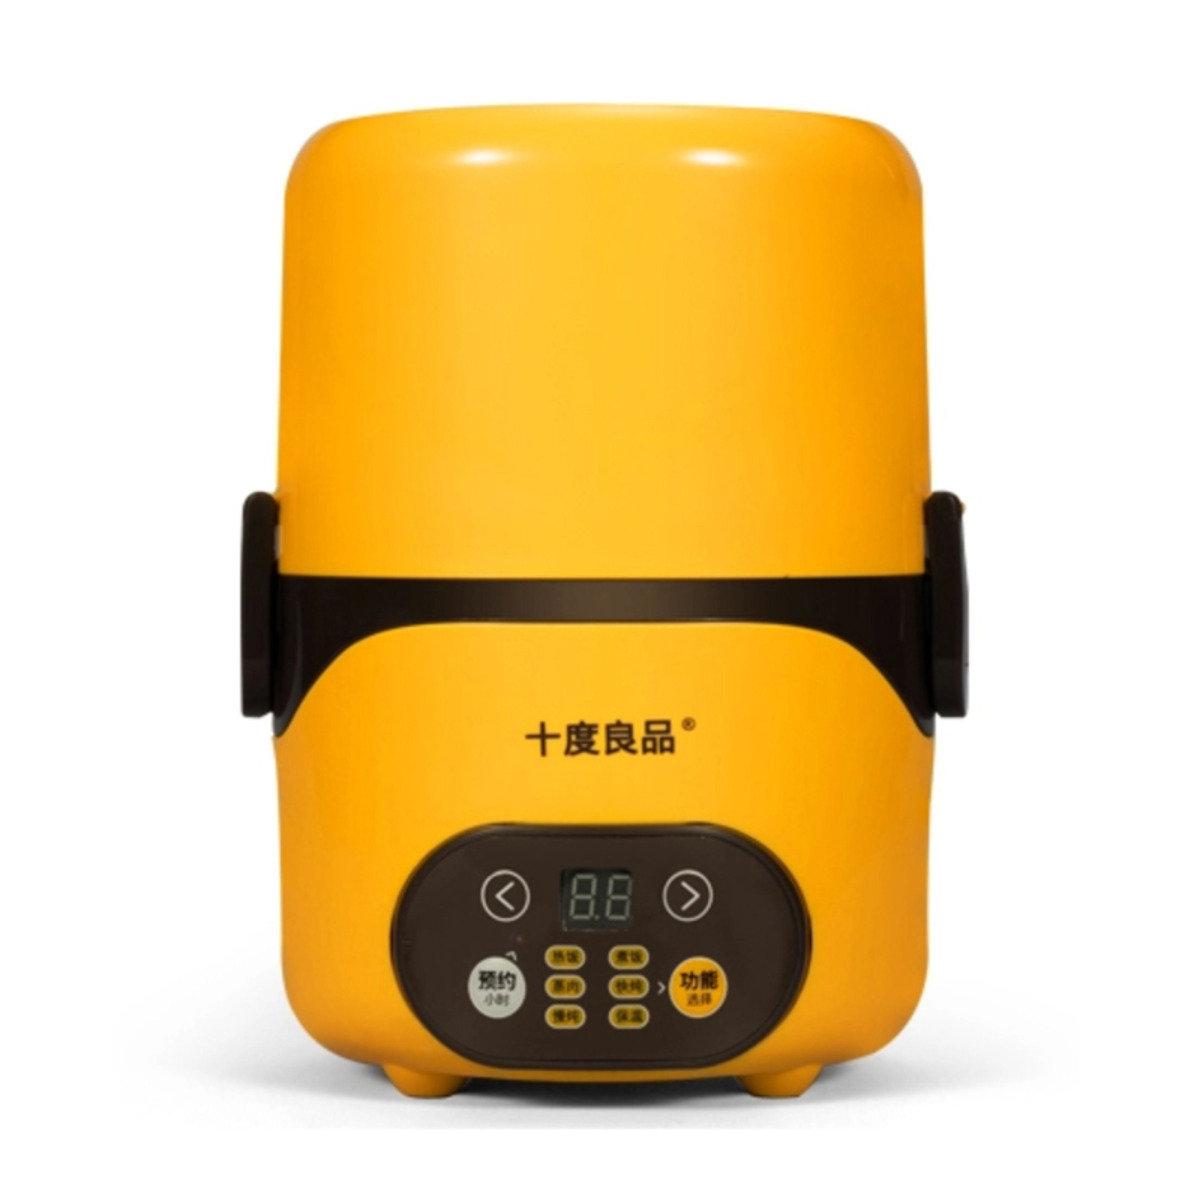 蒸煮電飯盒 6.1 Yellow